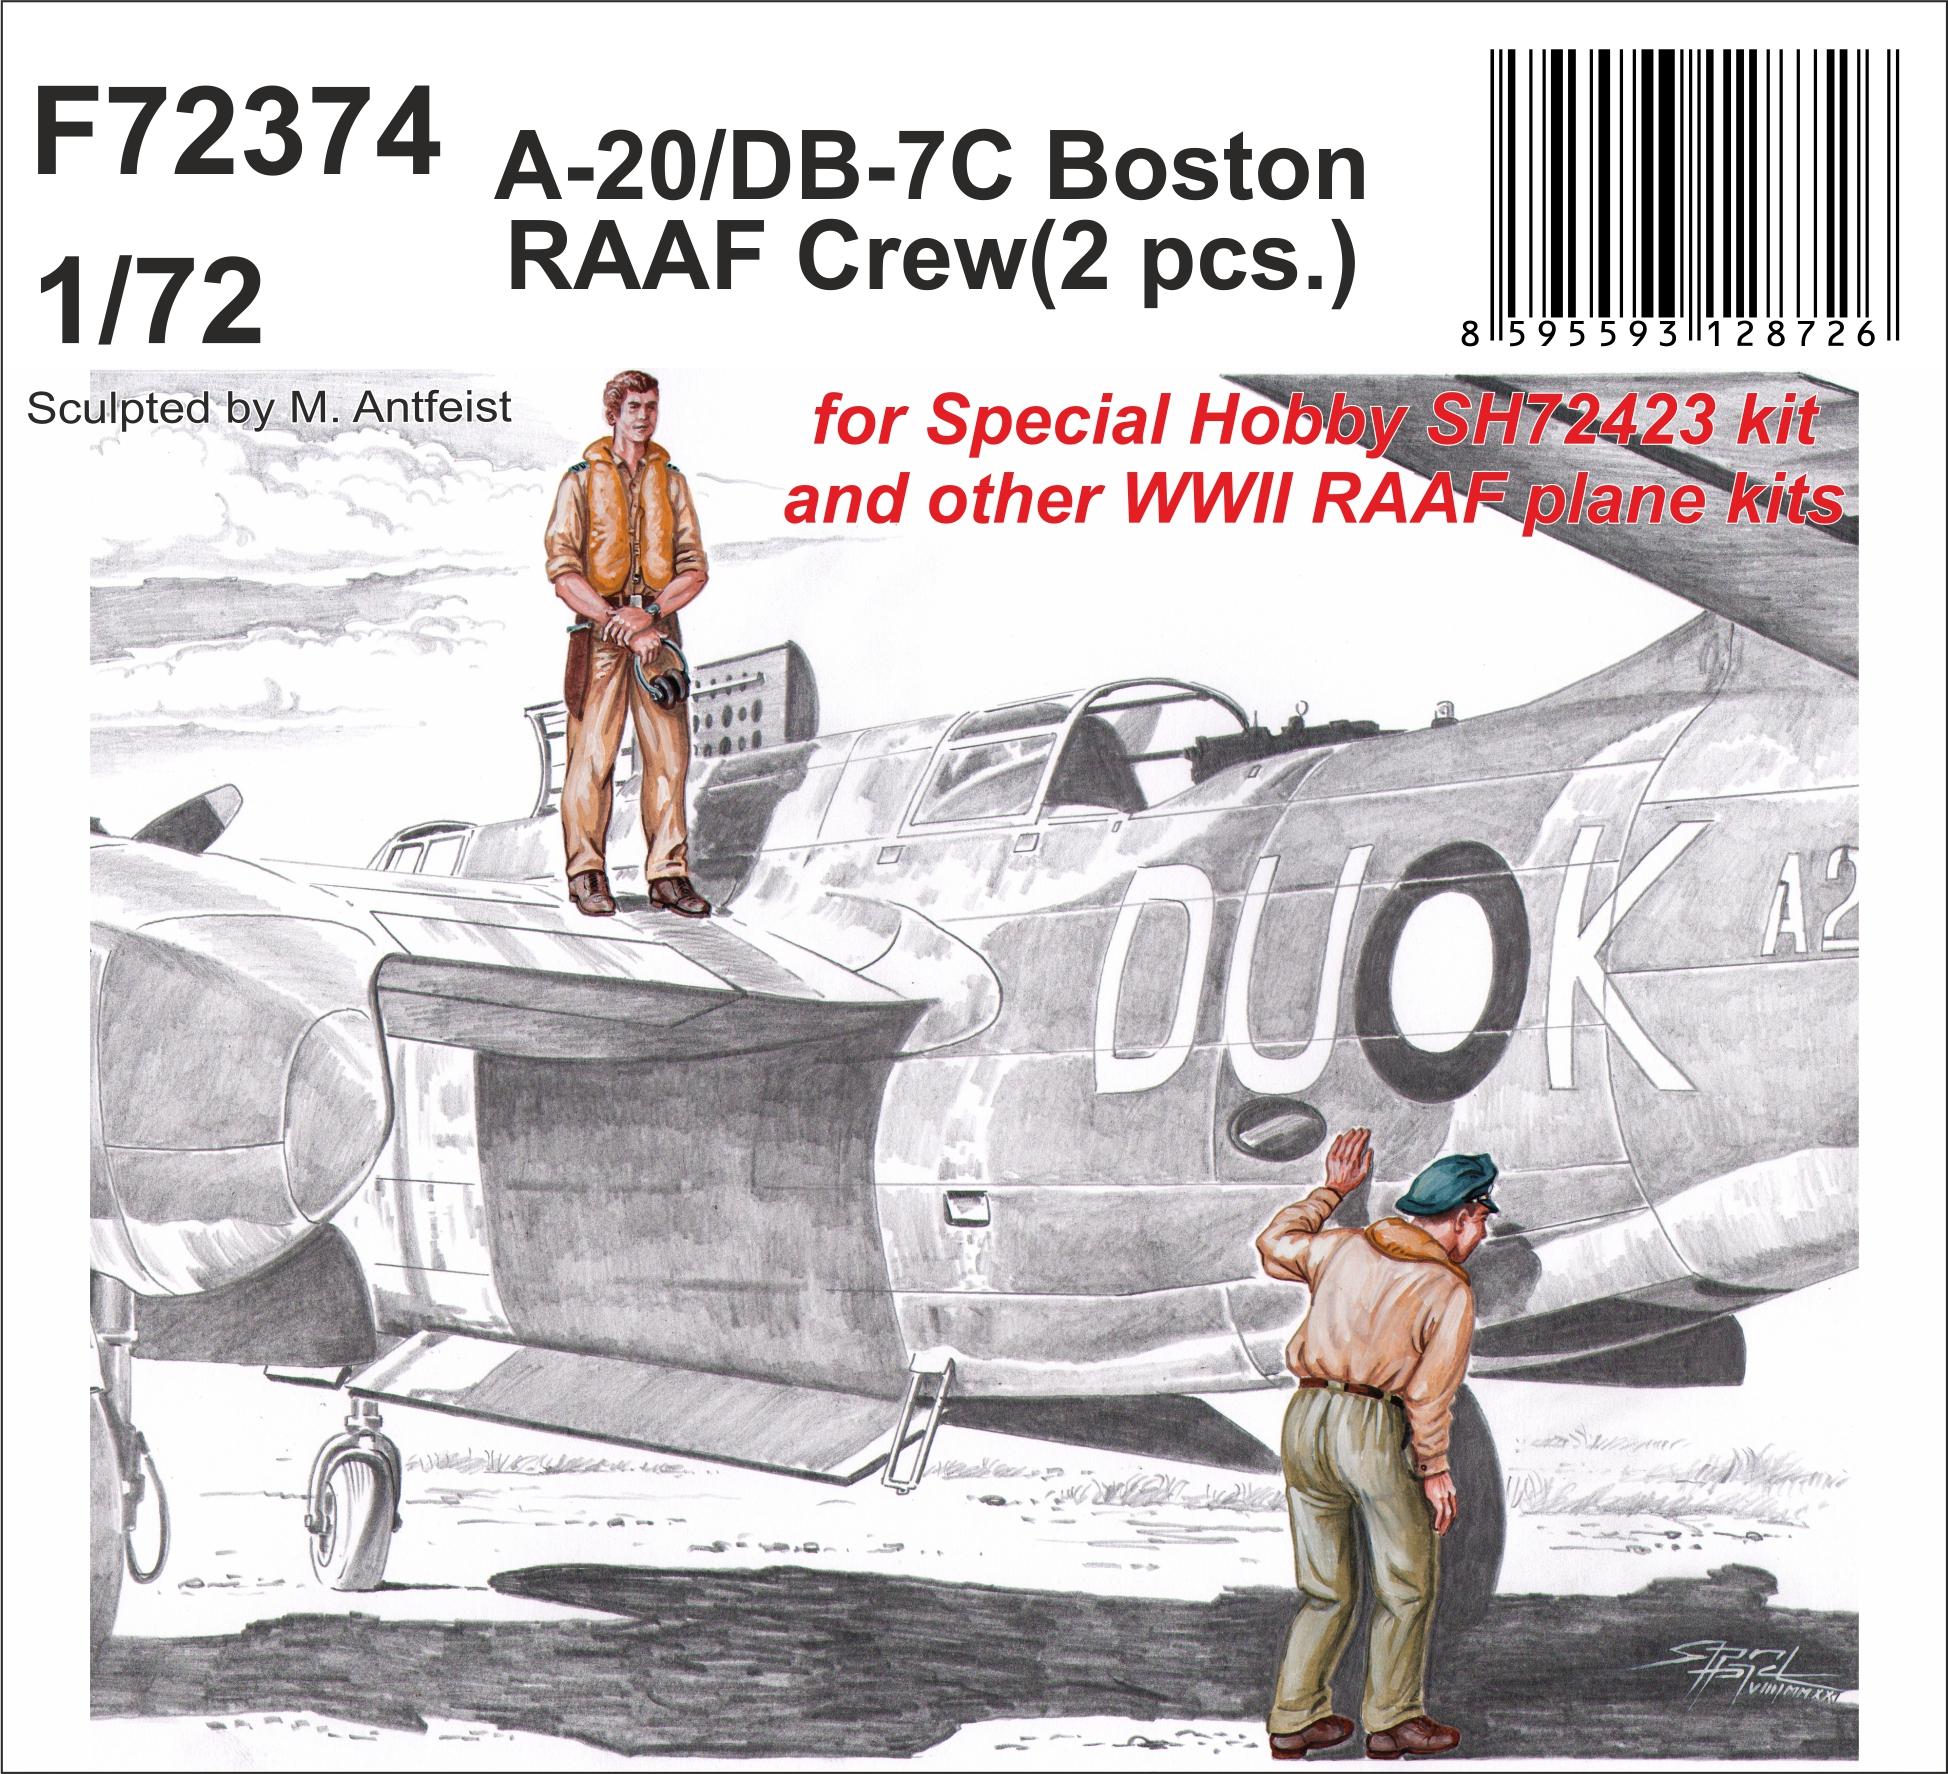 CMK 1/72 A-20/DB-7C Boston RAAF Crew